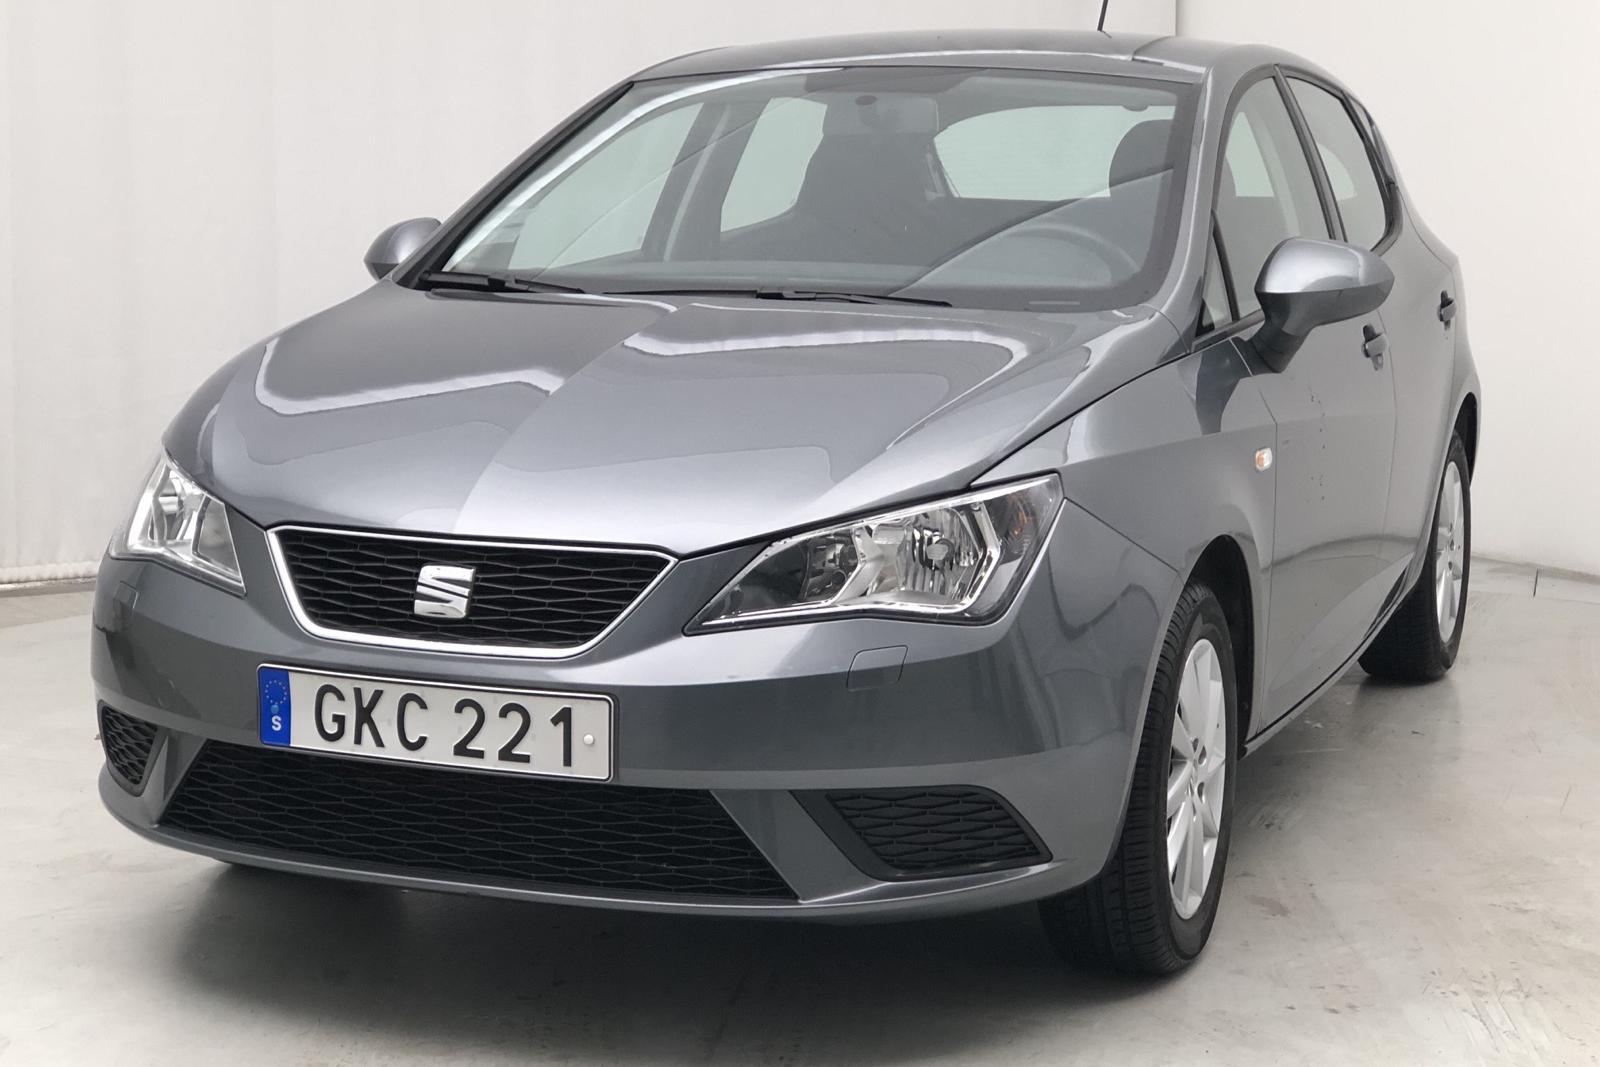 Seat Ibiza 1.2 TSI 5dr (85hk) - 29 000 km - Manual - Dark Grey - 2014